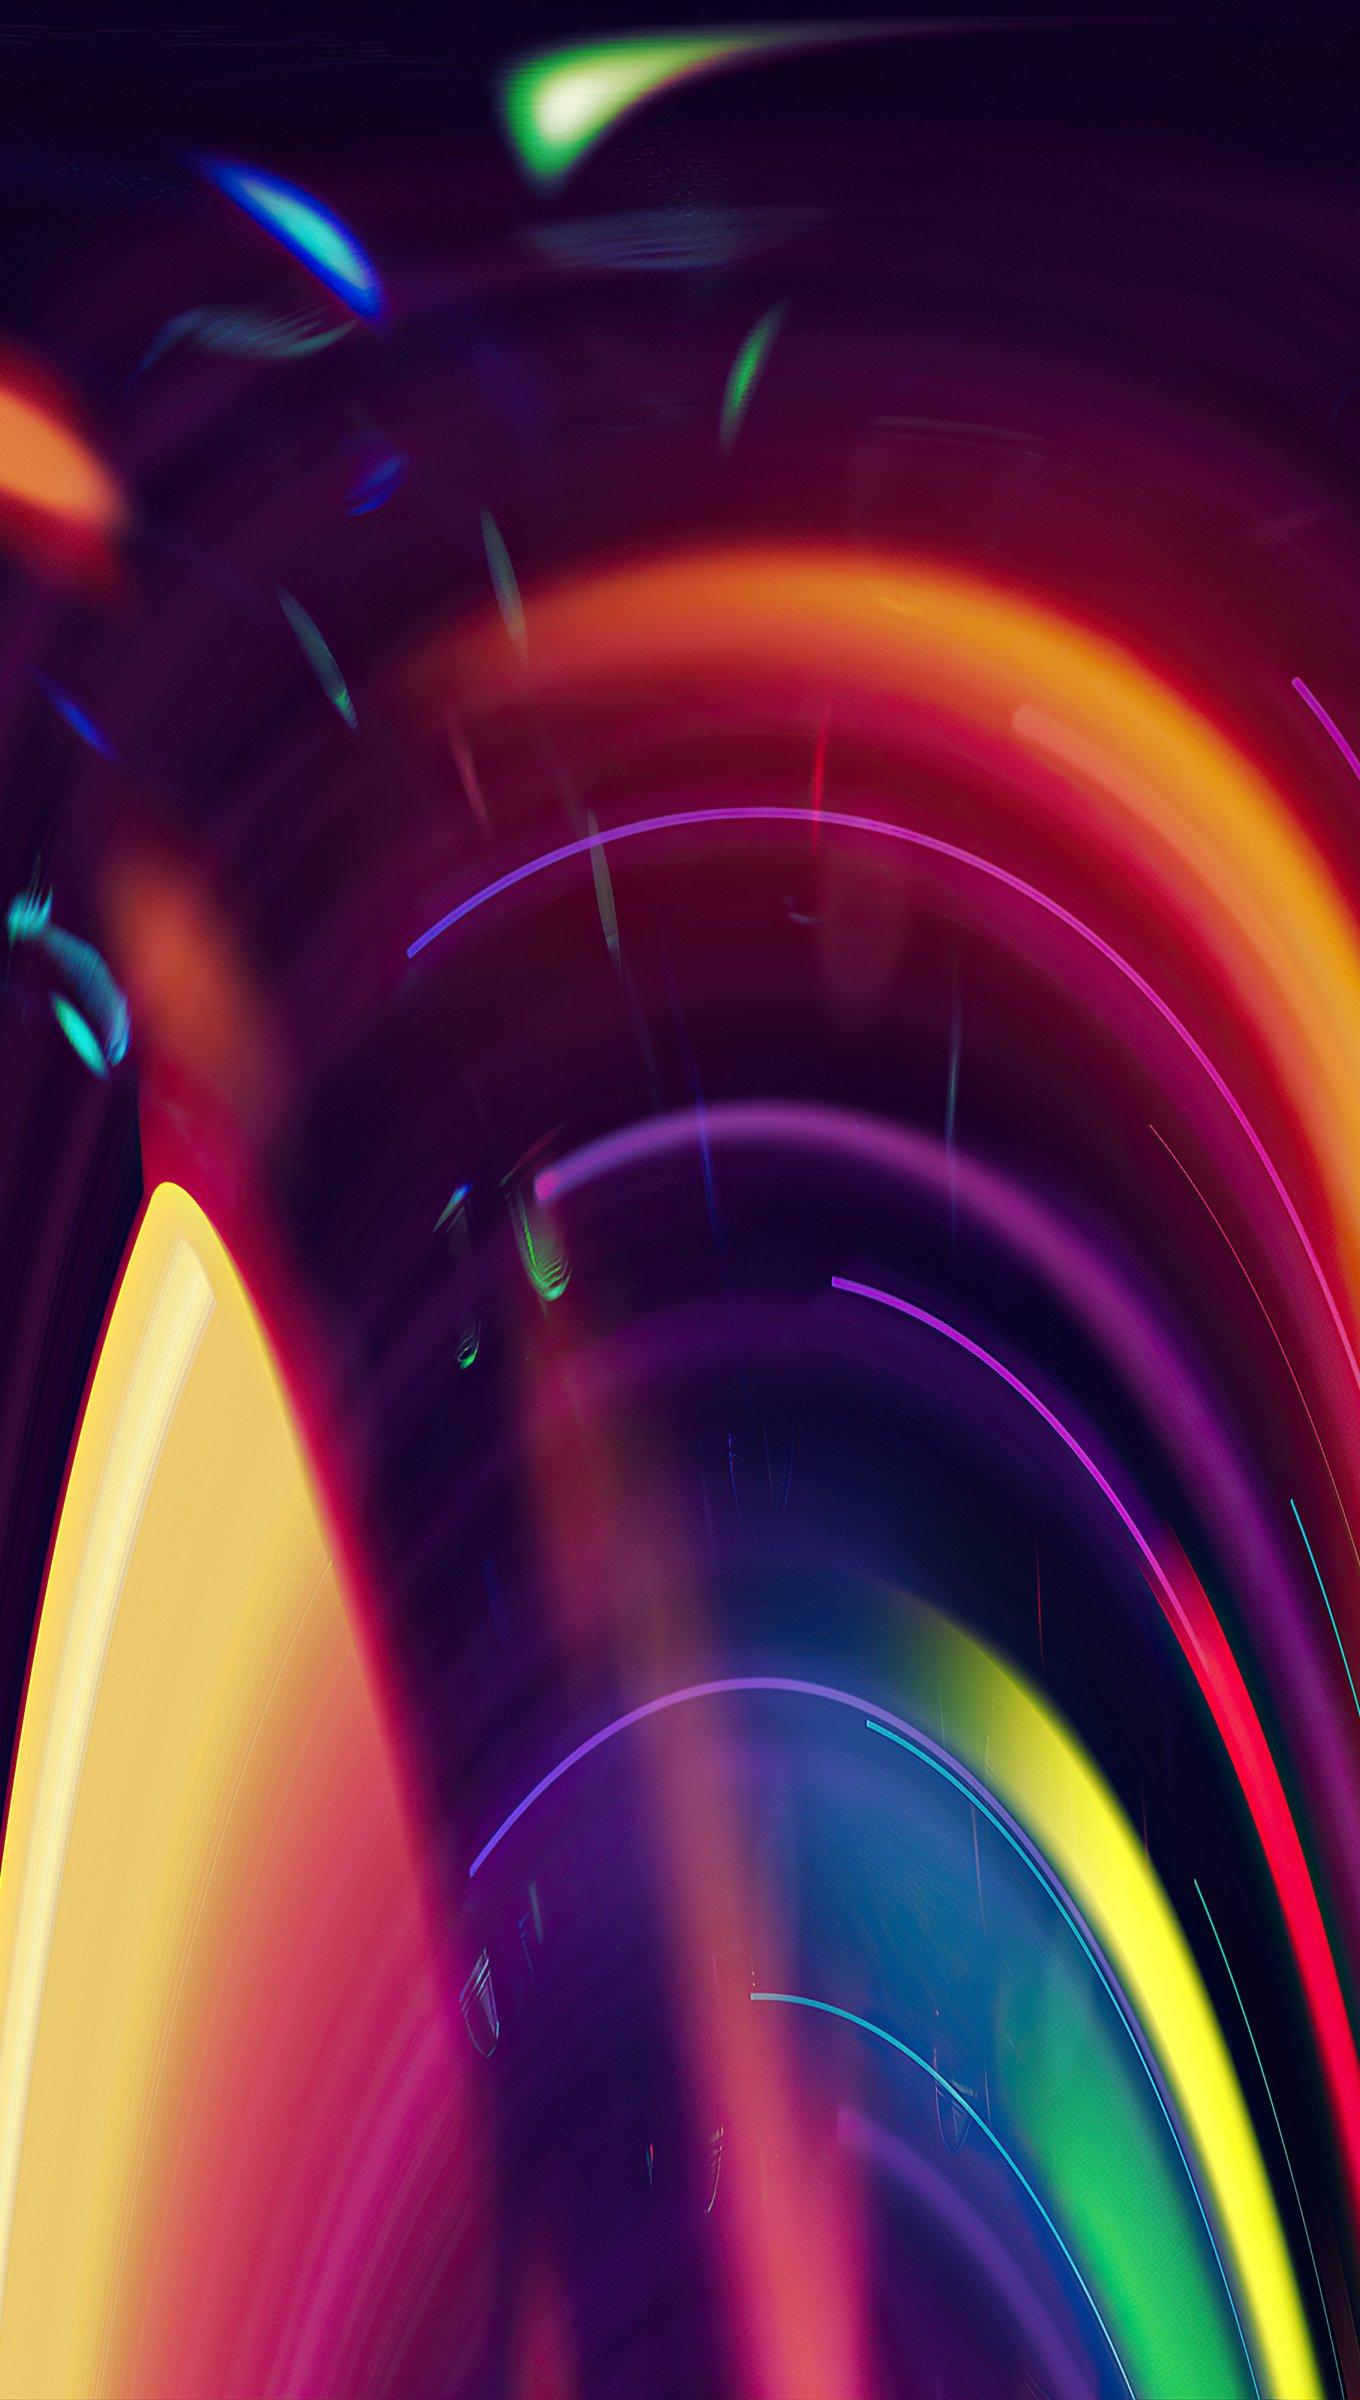 Fondos de pantalla Luces artisticas en movimiento Vertical